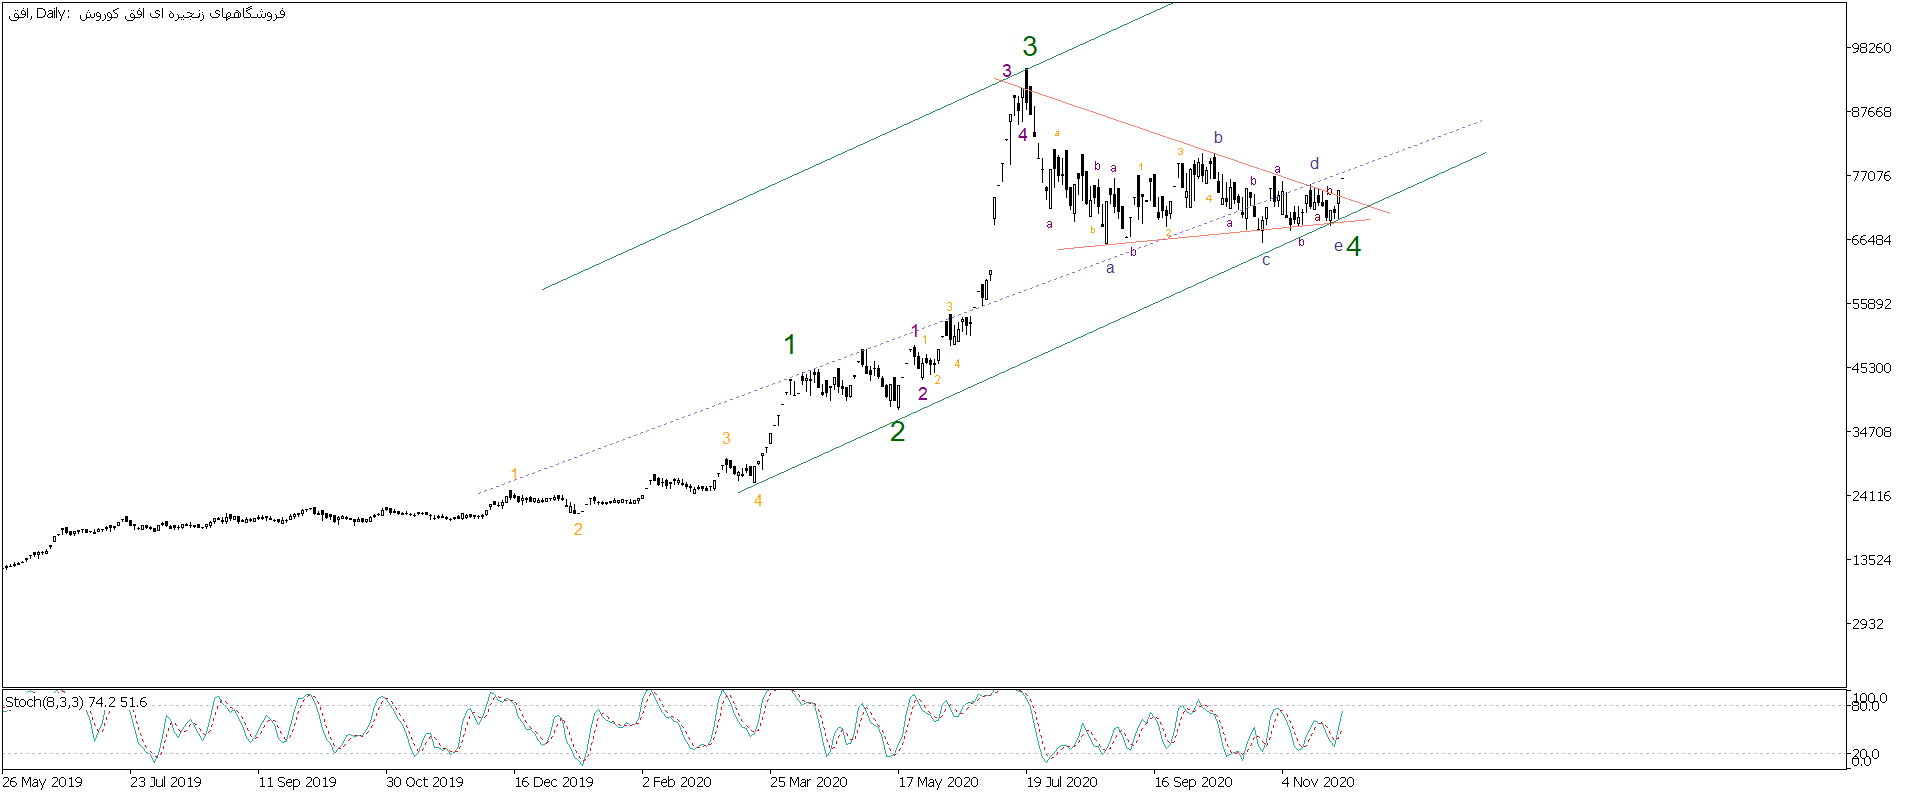 تحلیل تکنیکال سهام افق (فروشگاههاي زنجيره اي افق كوروش)